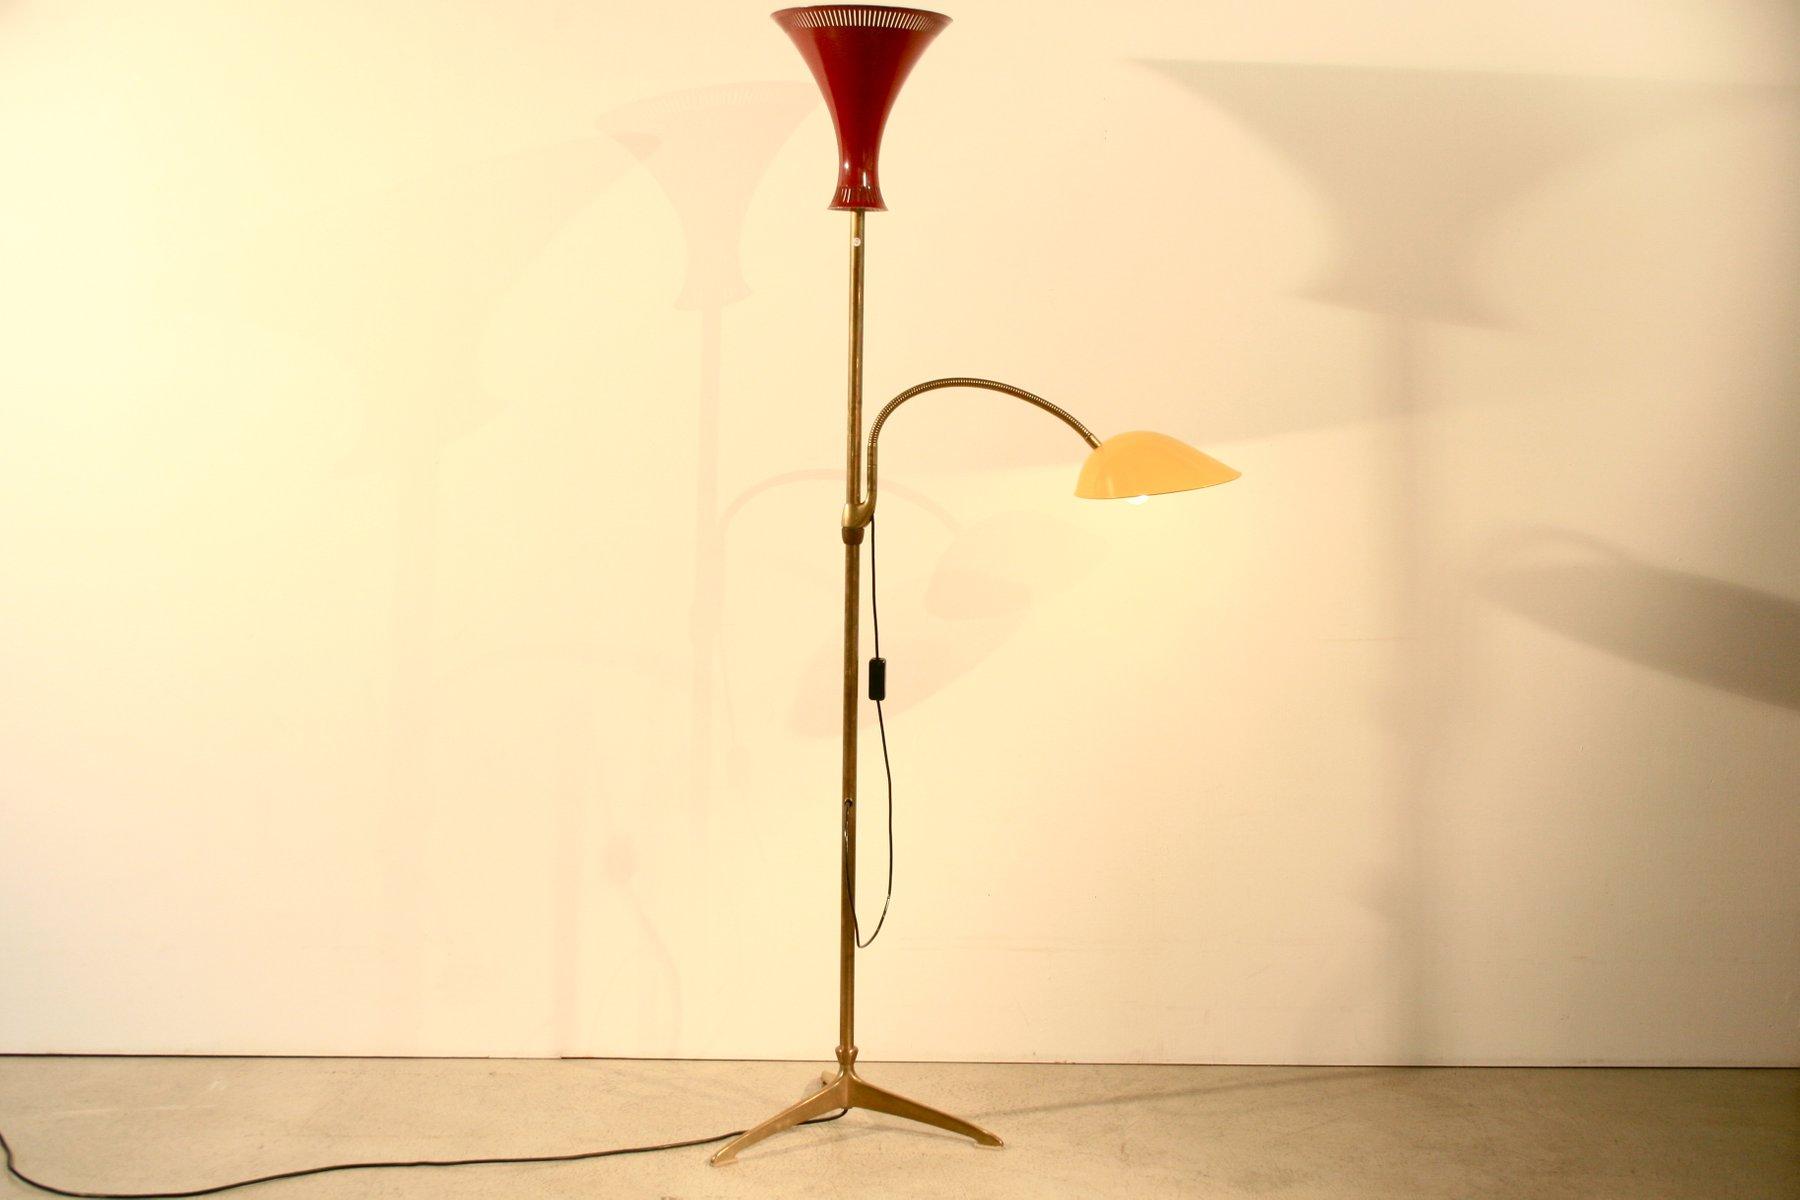 Stehlampe in Rot & Gelb von BAG Turgi, 1950er